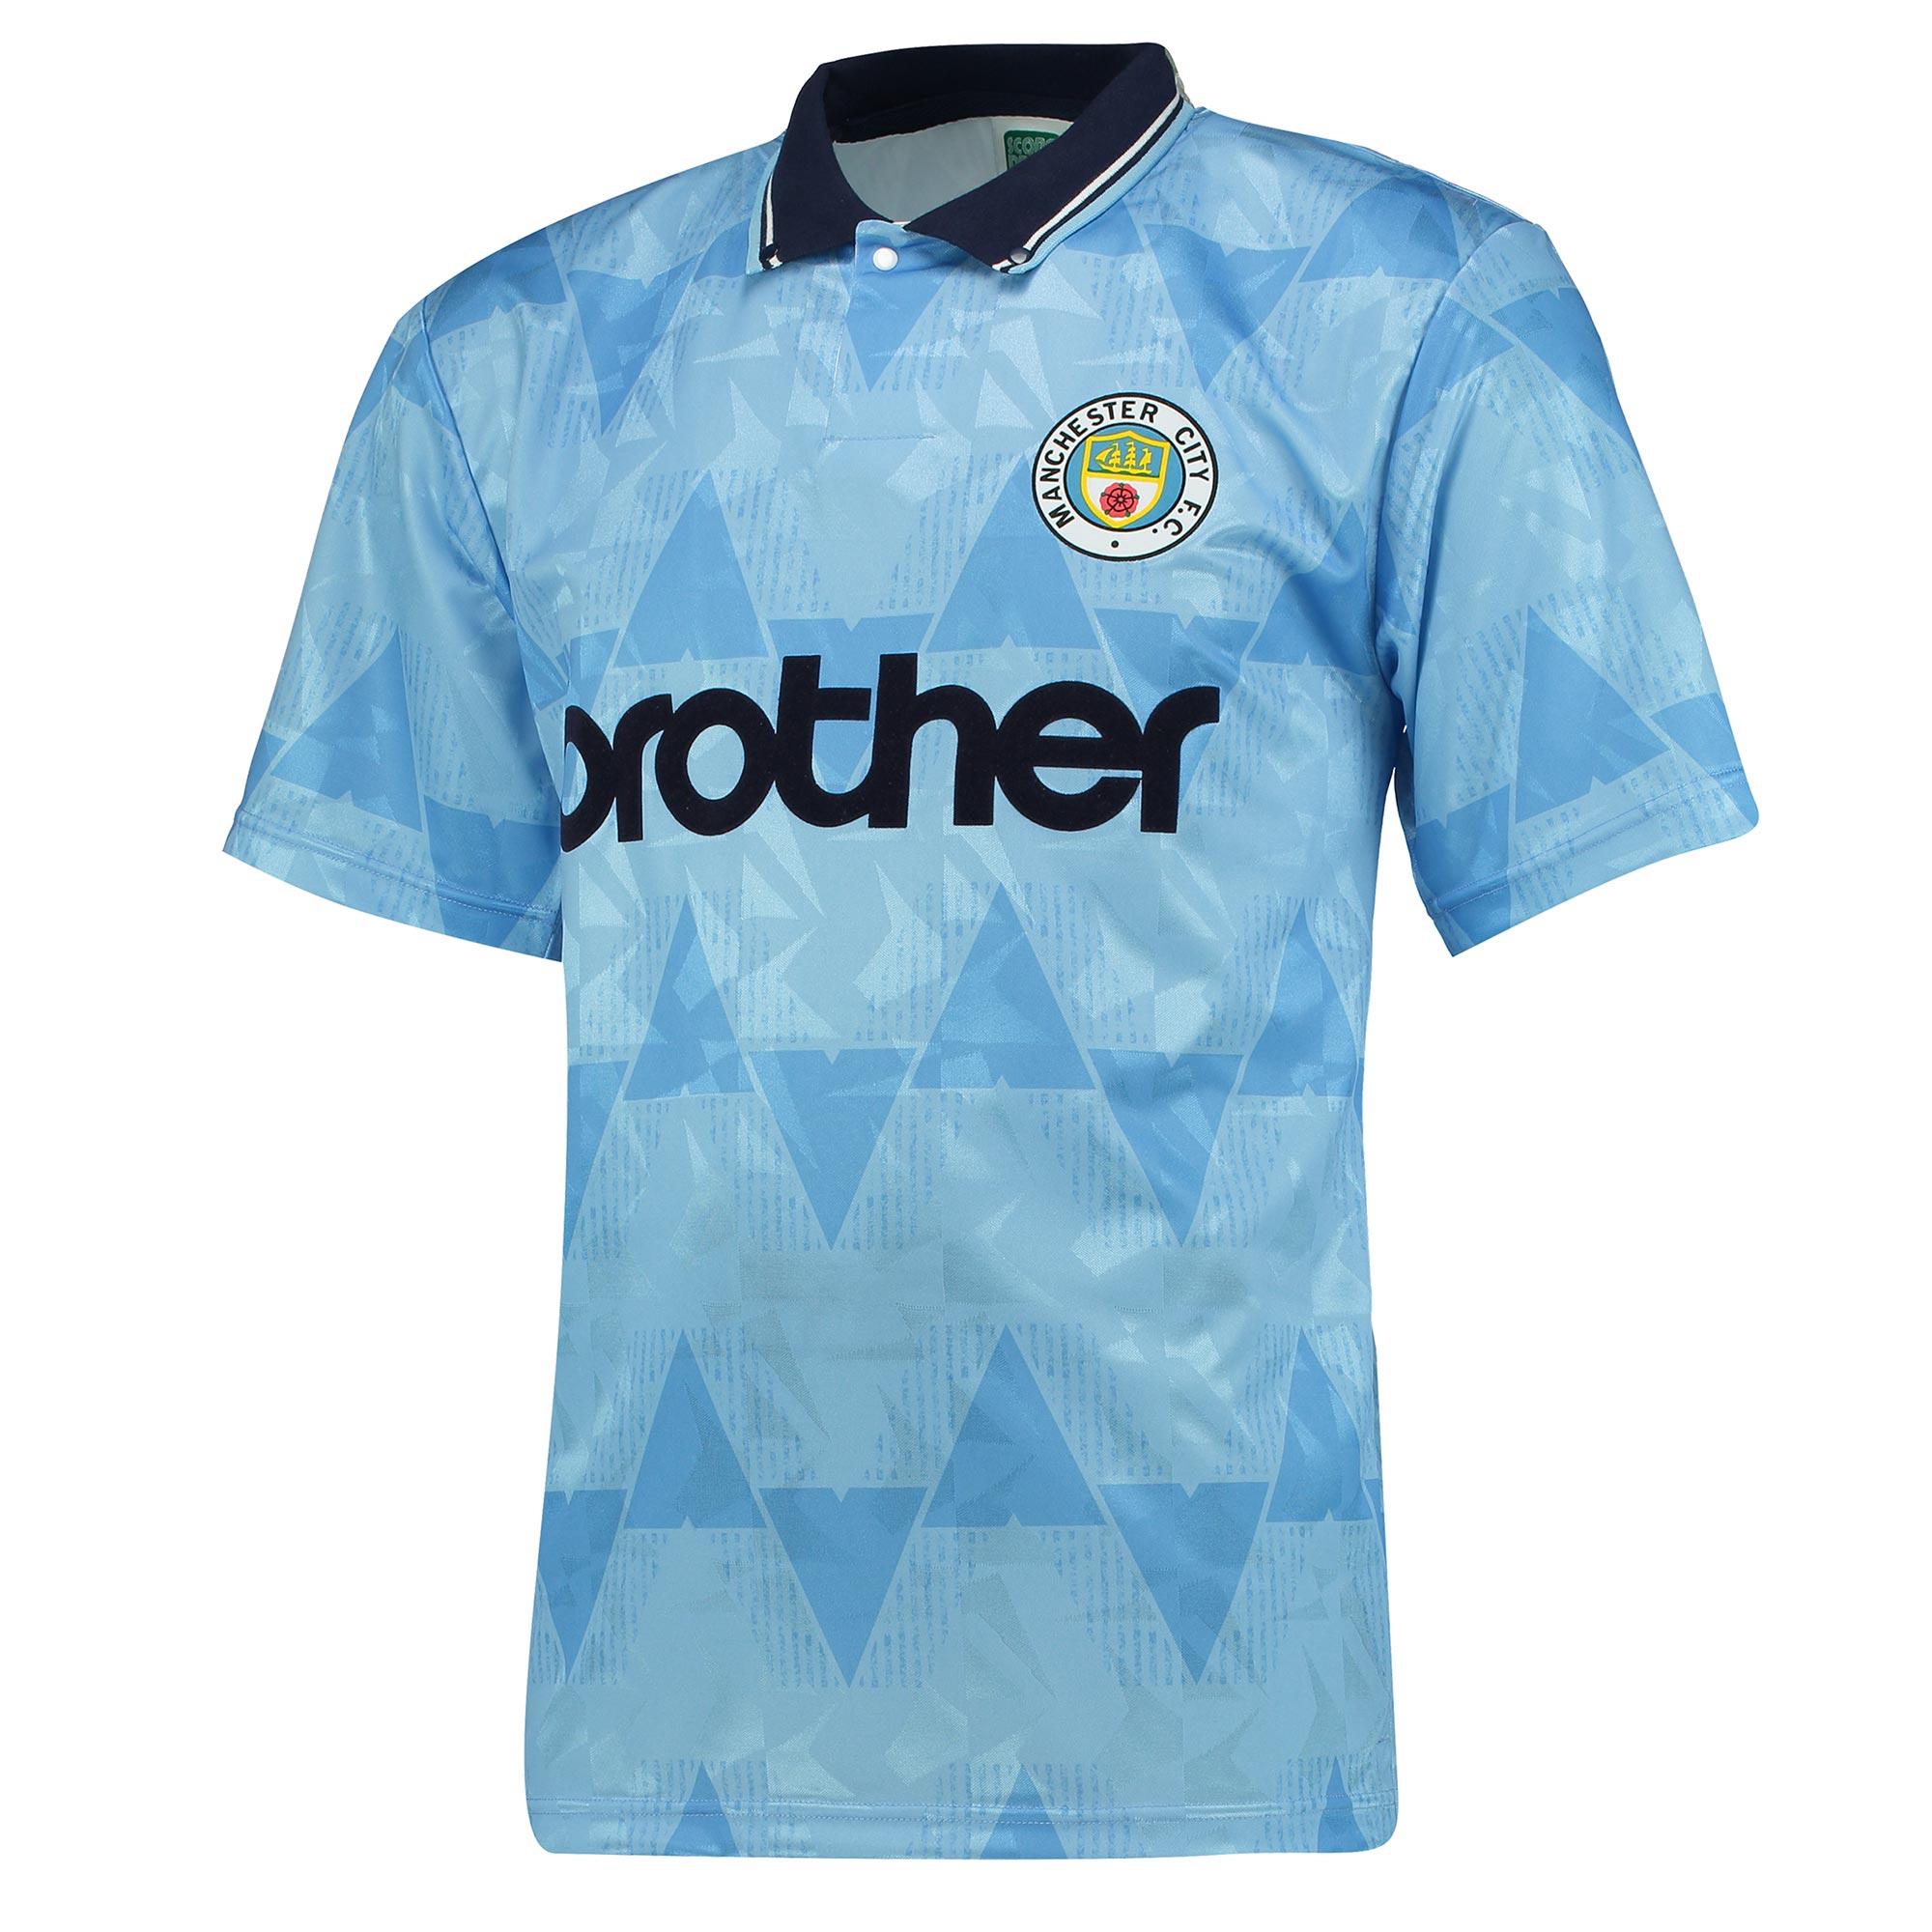 Manchester City 1989 Shirt